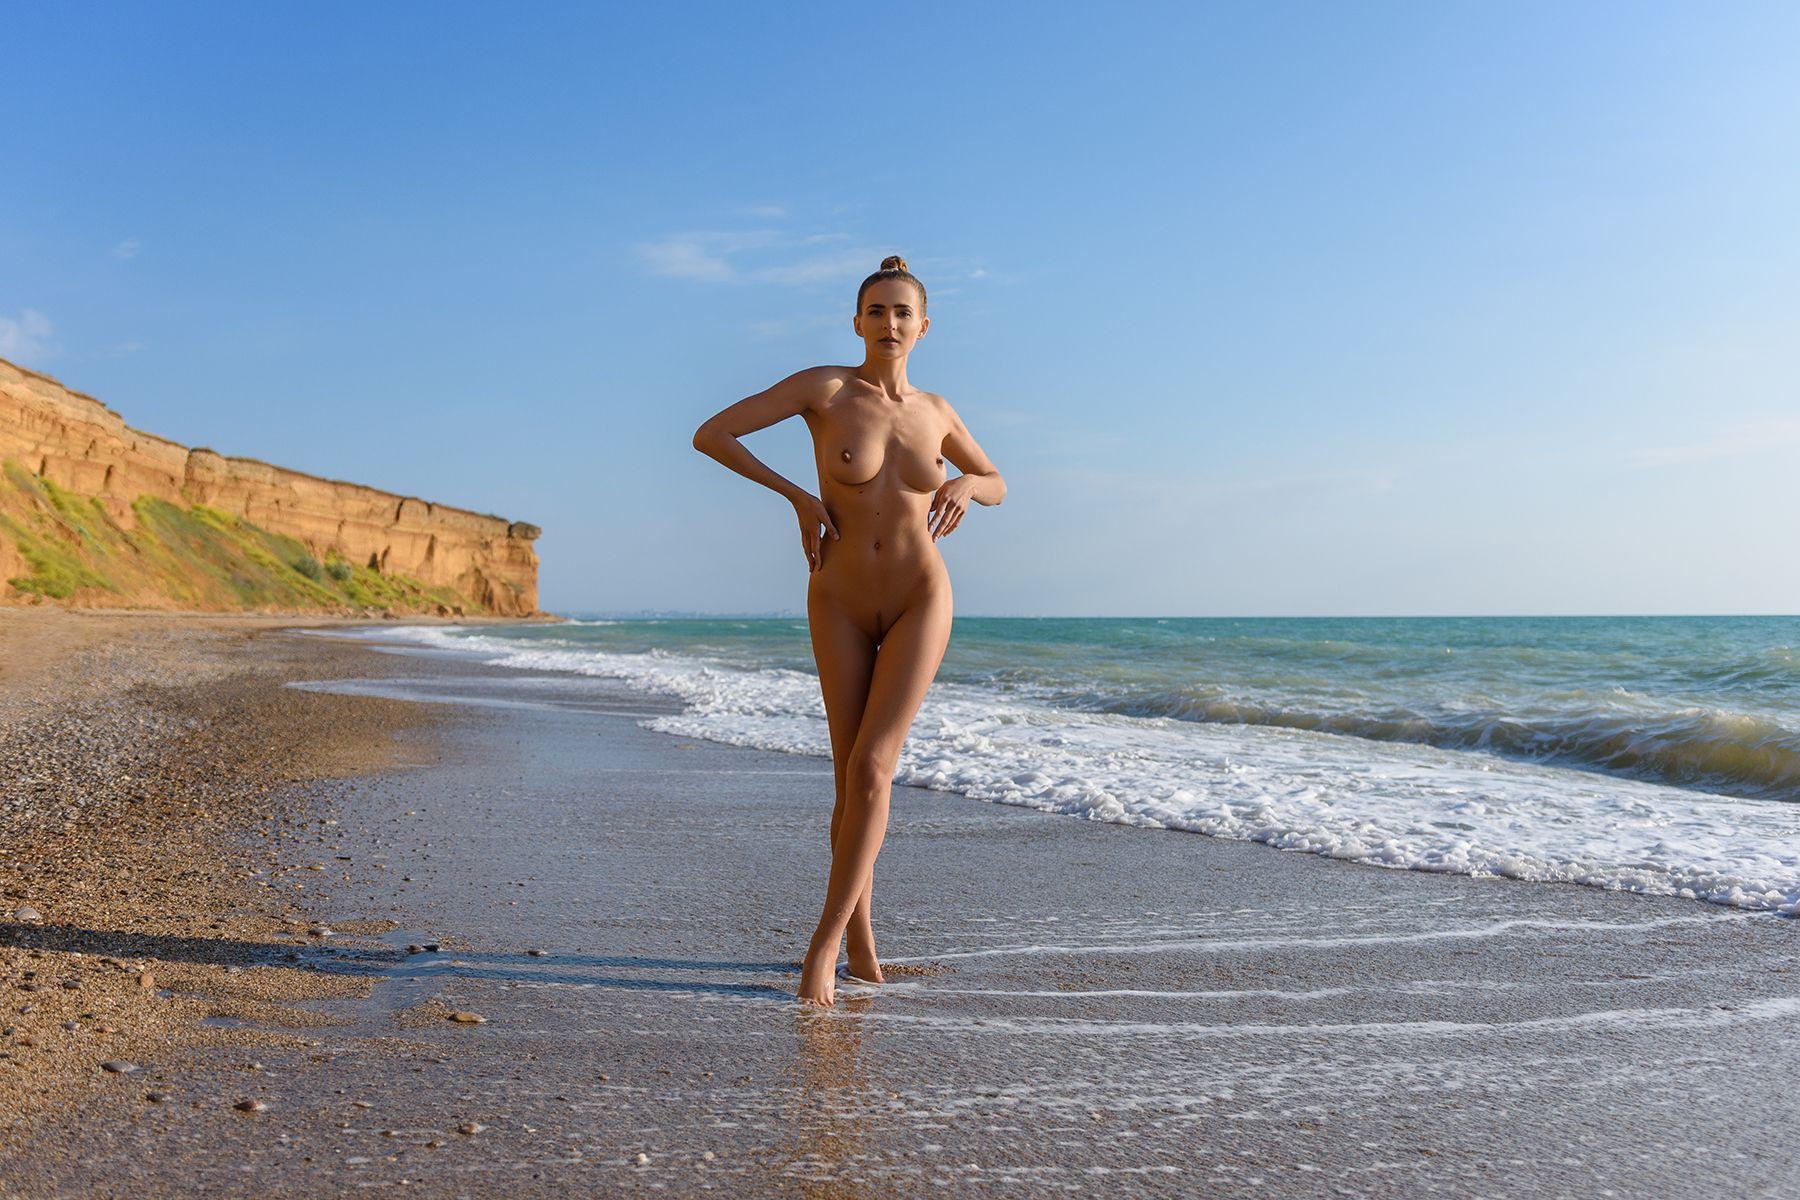 nude,крым,model,color,обнажённая,грудь,ню,пленер, Давыдов Юрий